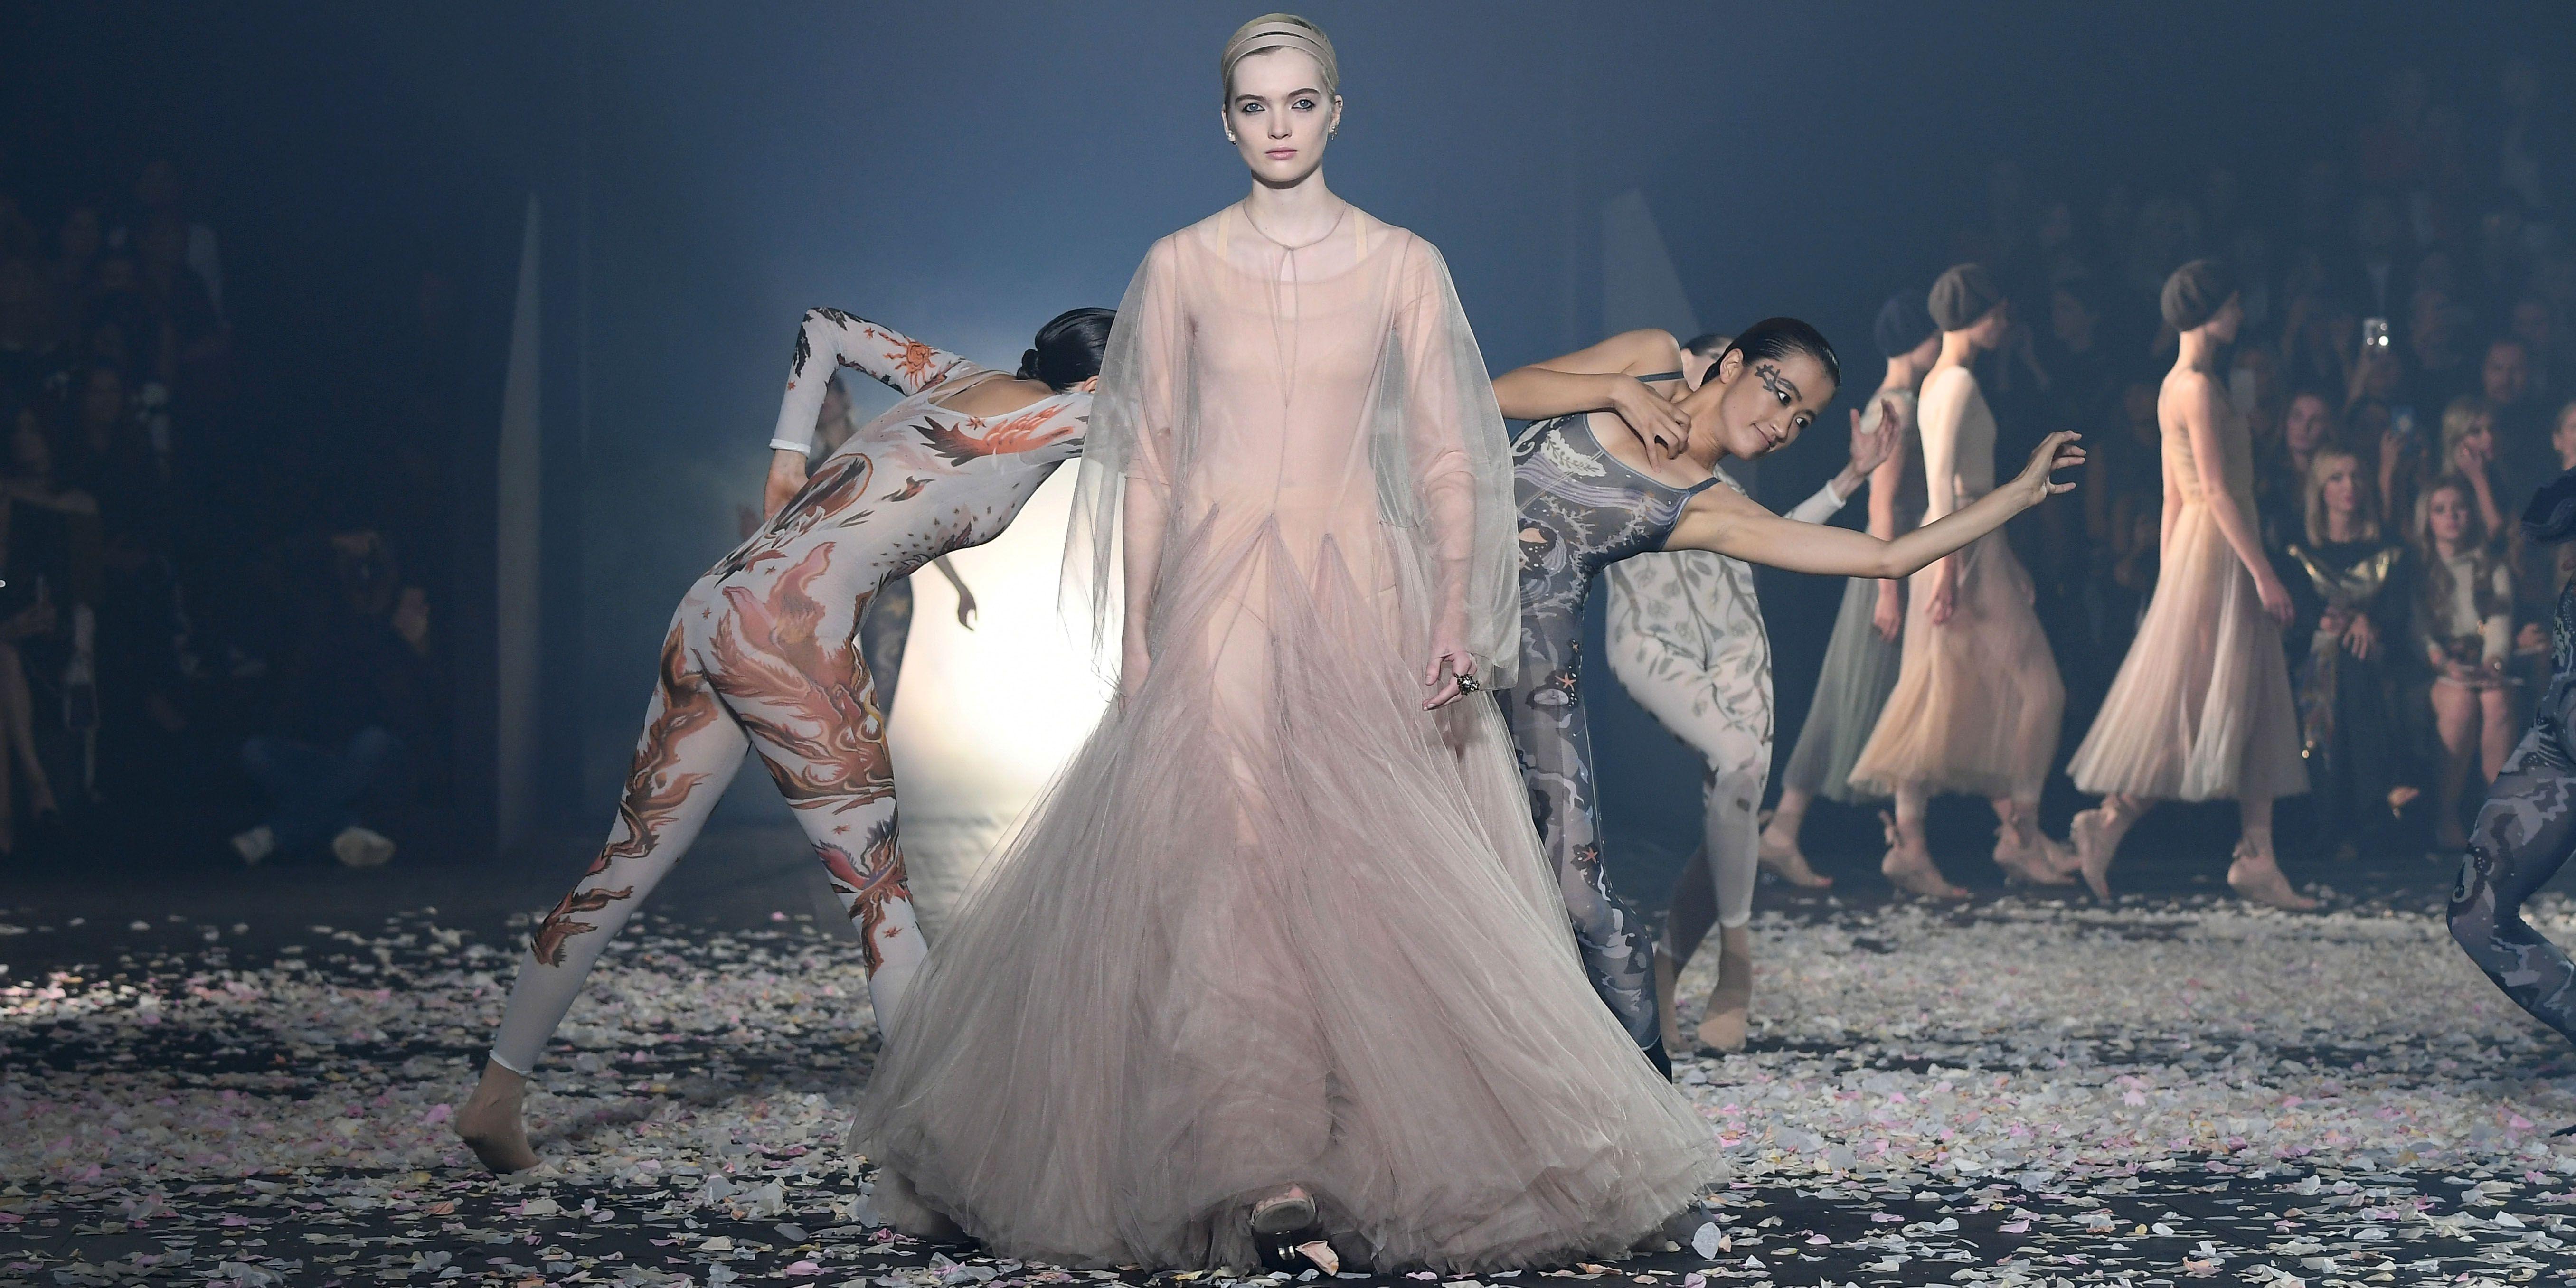 Sự gợi cảm của người mẫu nữ trên sàn diễn thời trang 6